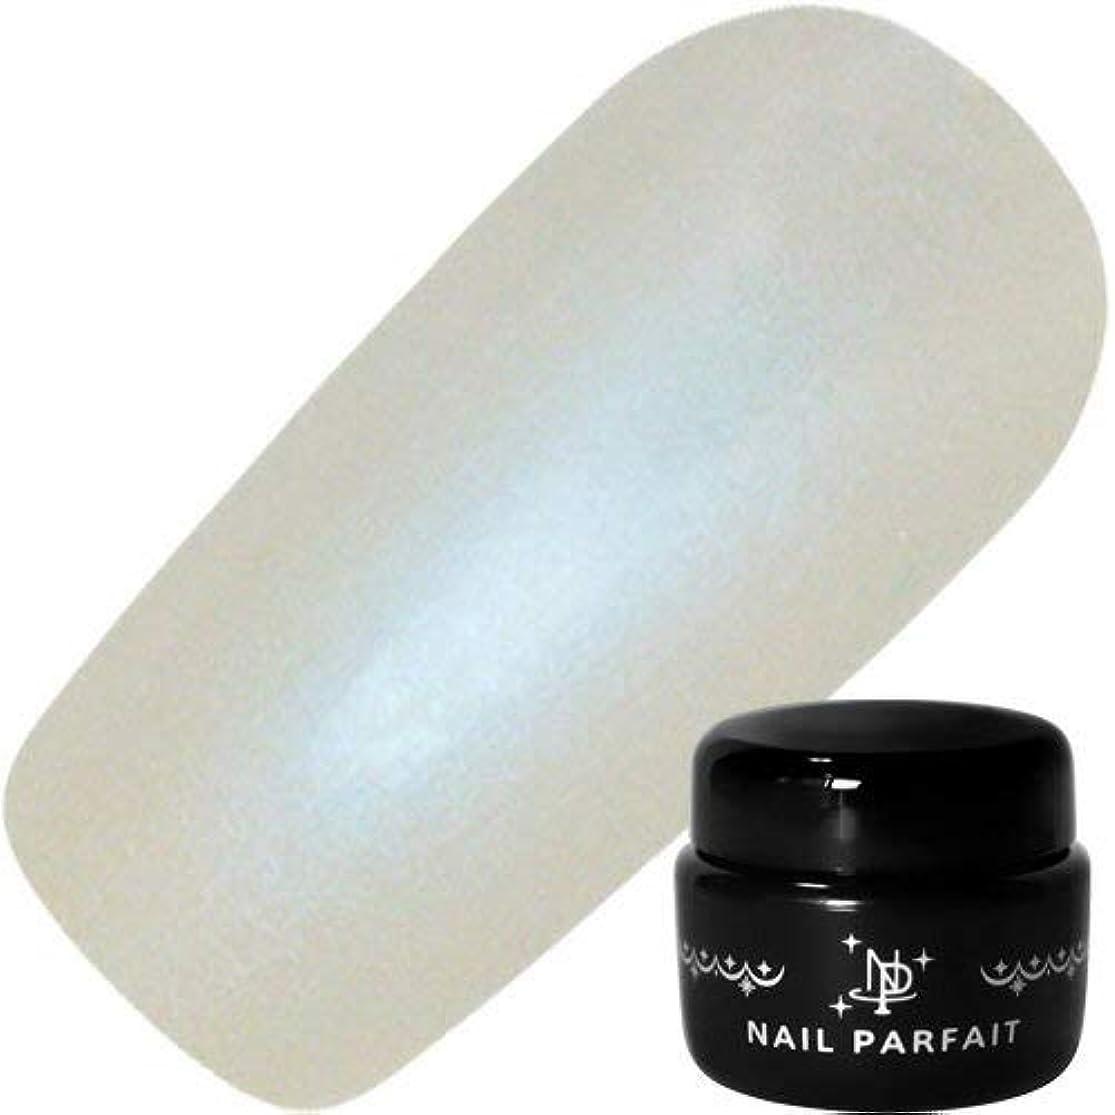 普通の取得する輪郭NAIL PARFAIT ネイルパフェ カラージェル 119 オーロラエフェクトブルー 2g 【ジェル/カラージェル?ネイル用品】